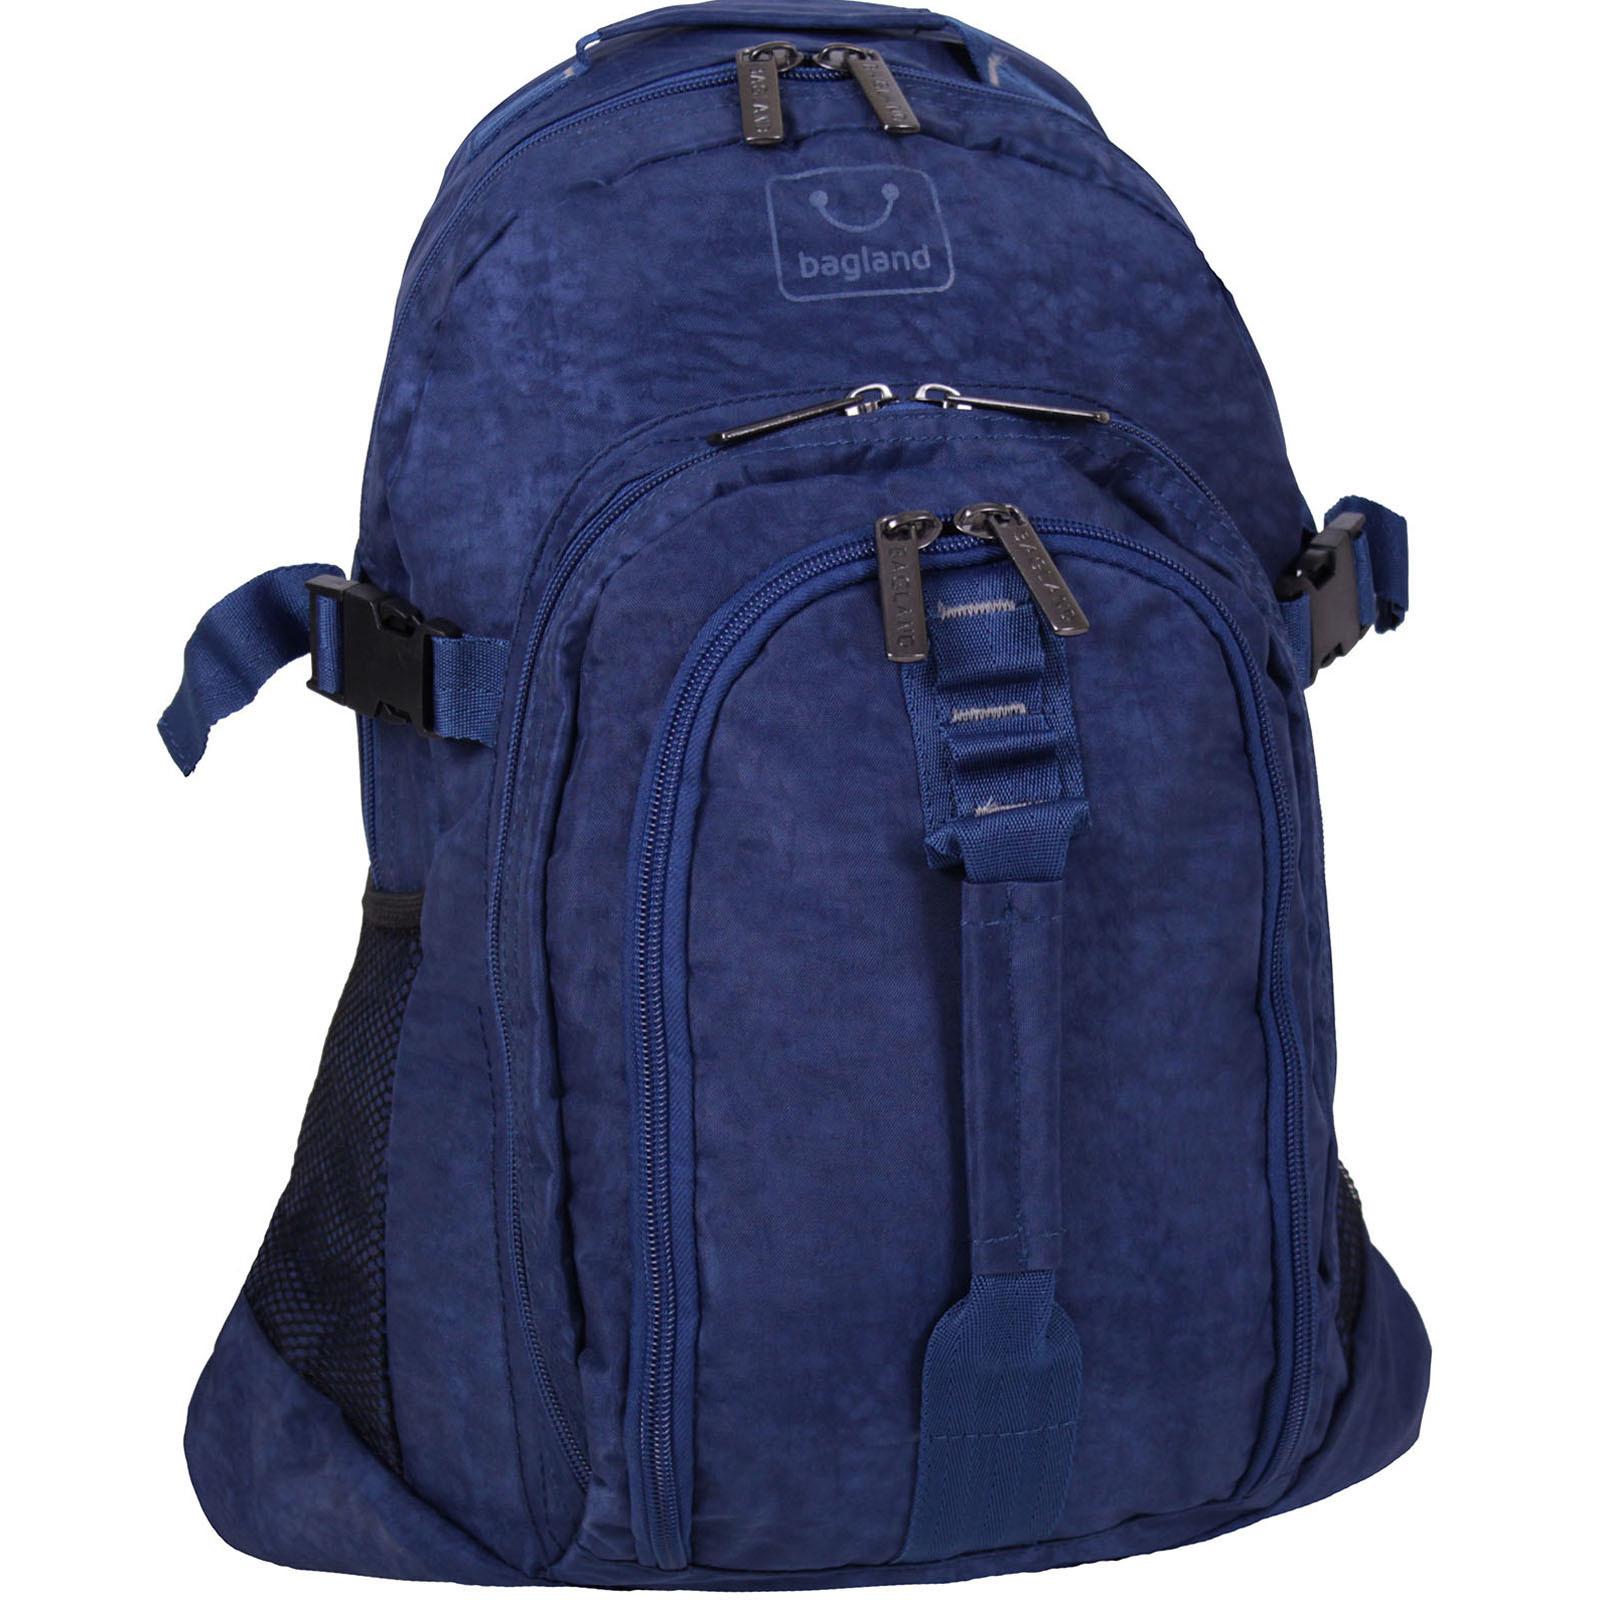 Городские рюкзаки Рюкзак Bagland Метеорит 16 л. 225 синий (0014770) IMG_2929.JPG